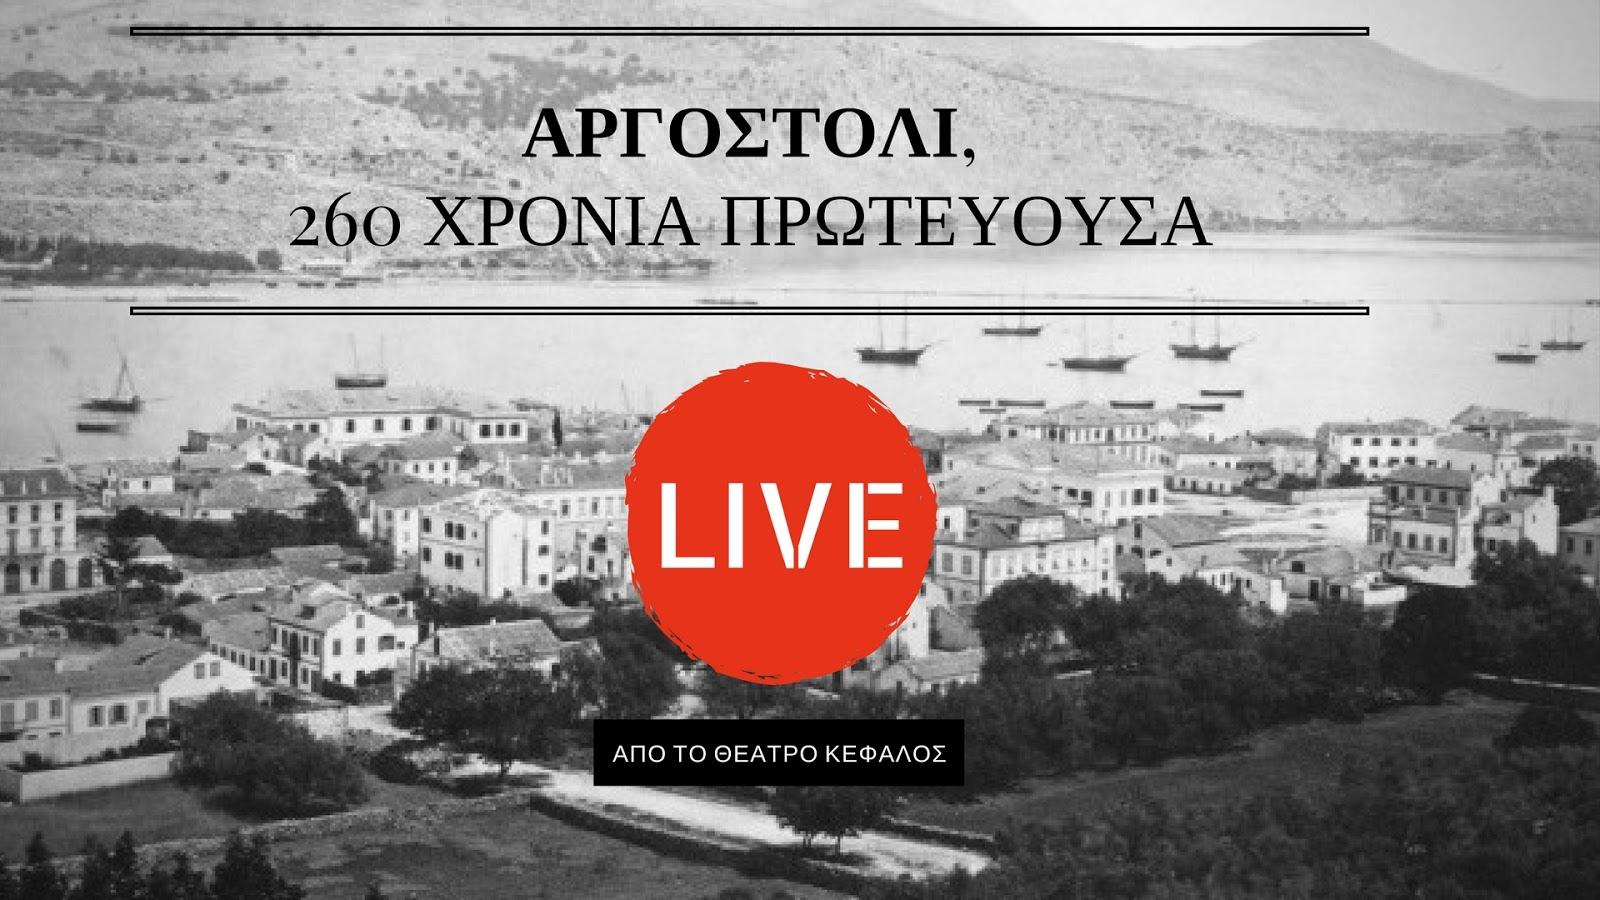 Δείτε Live την εκδήλωση του Ριφόρτσο: «Αργοστόλι, 260 χρόνια πρωτεύουσα, 1757 – 2017»